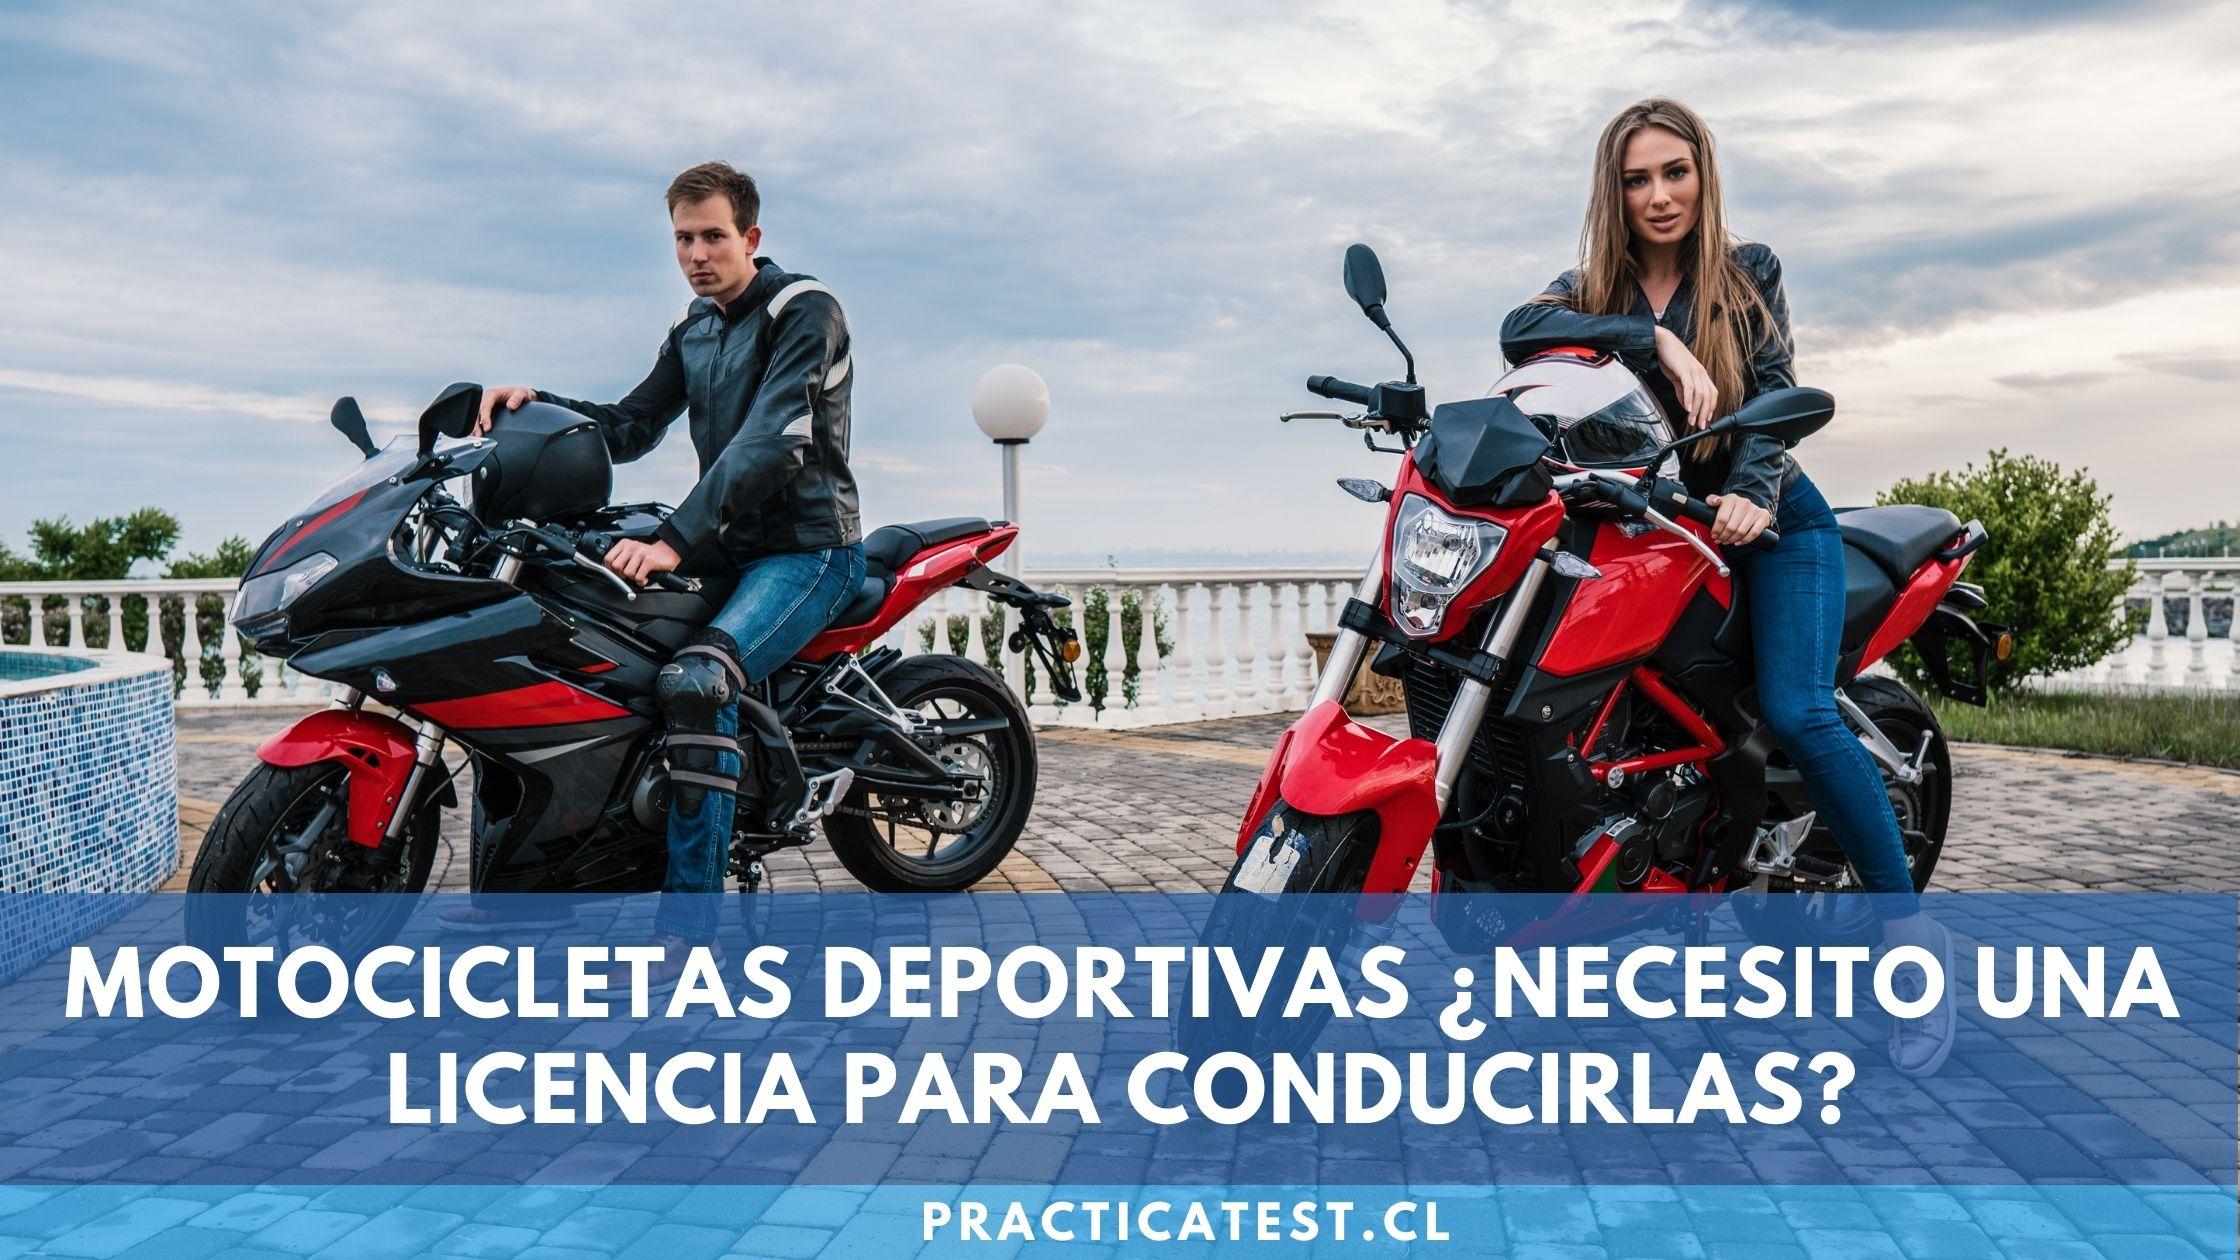 Tipo de licencia necesaria para manejar una motocicleta deportiva en Chile y Revisión